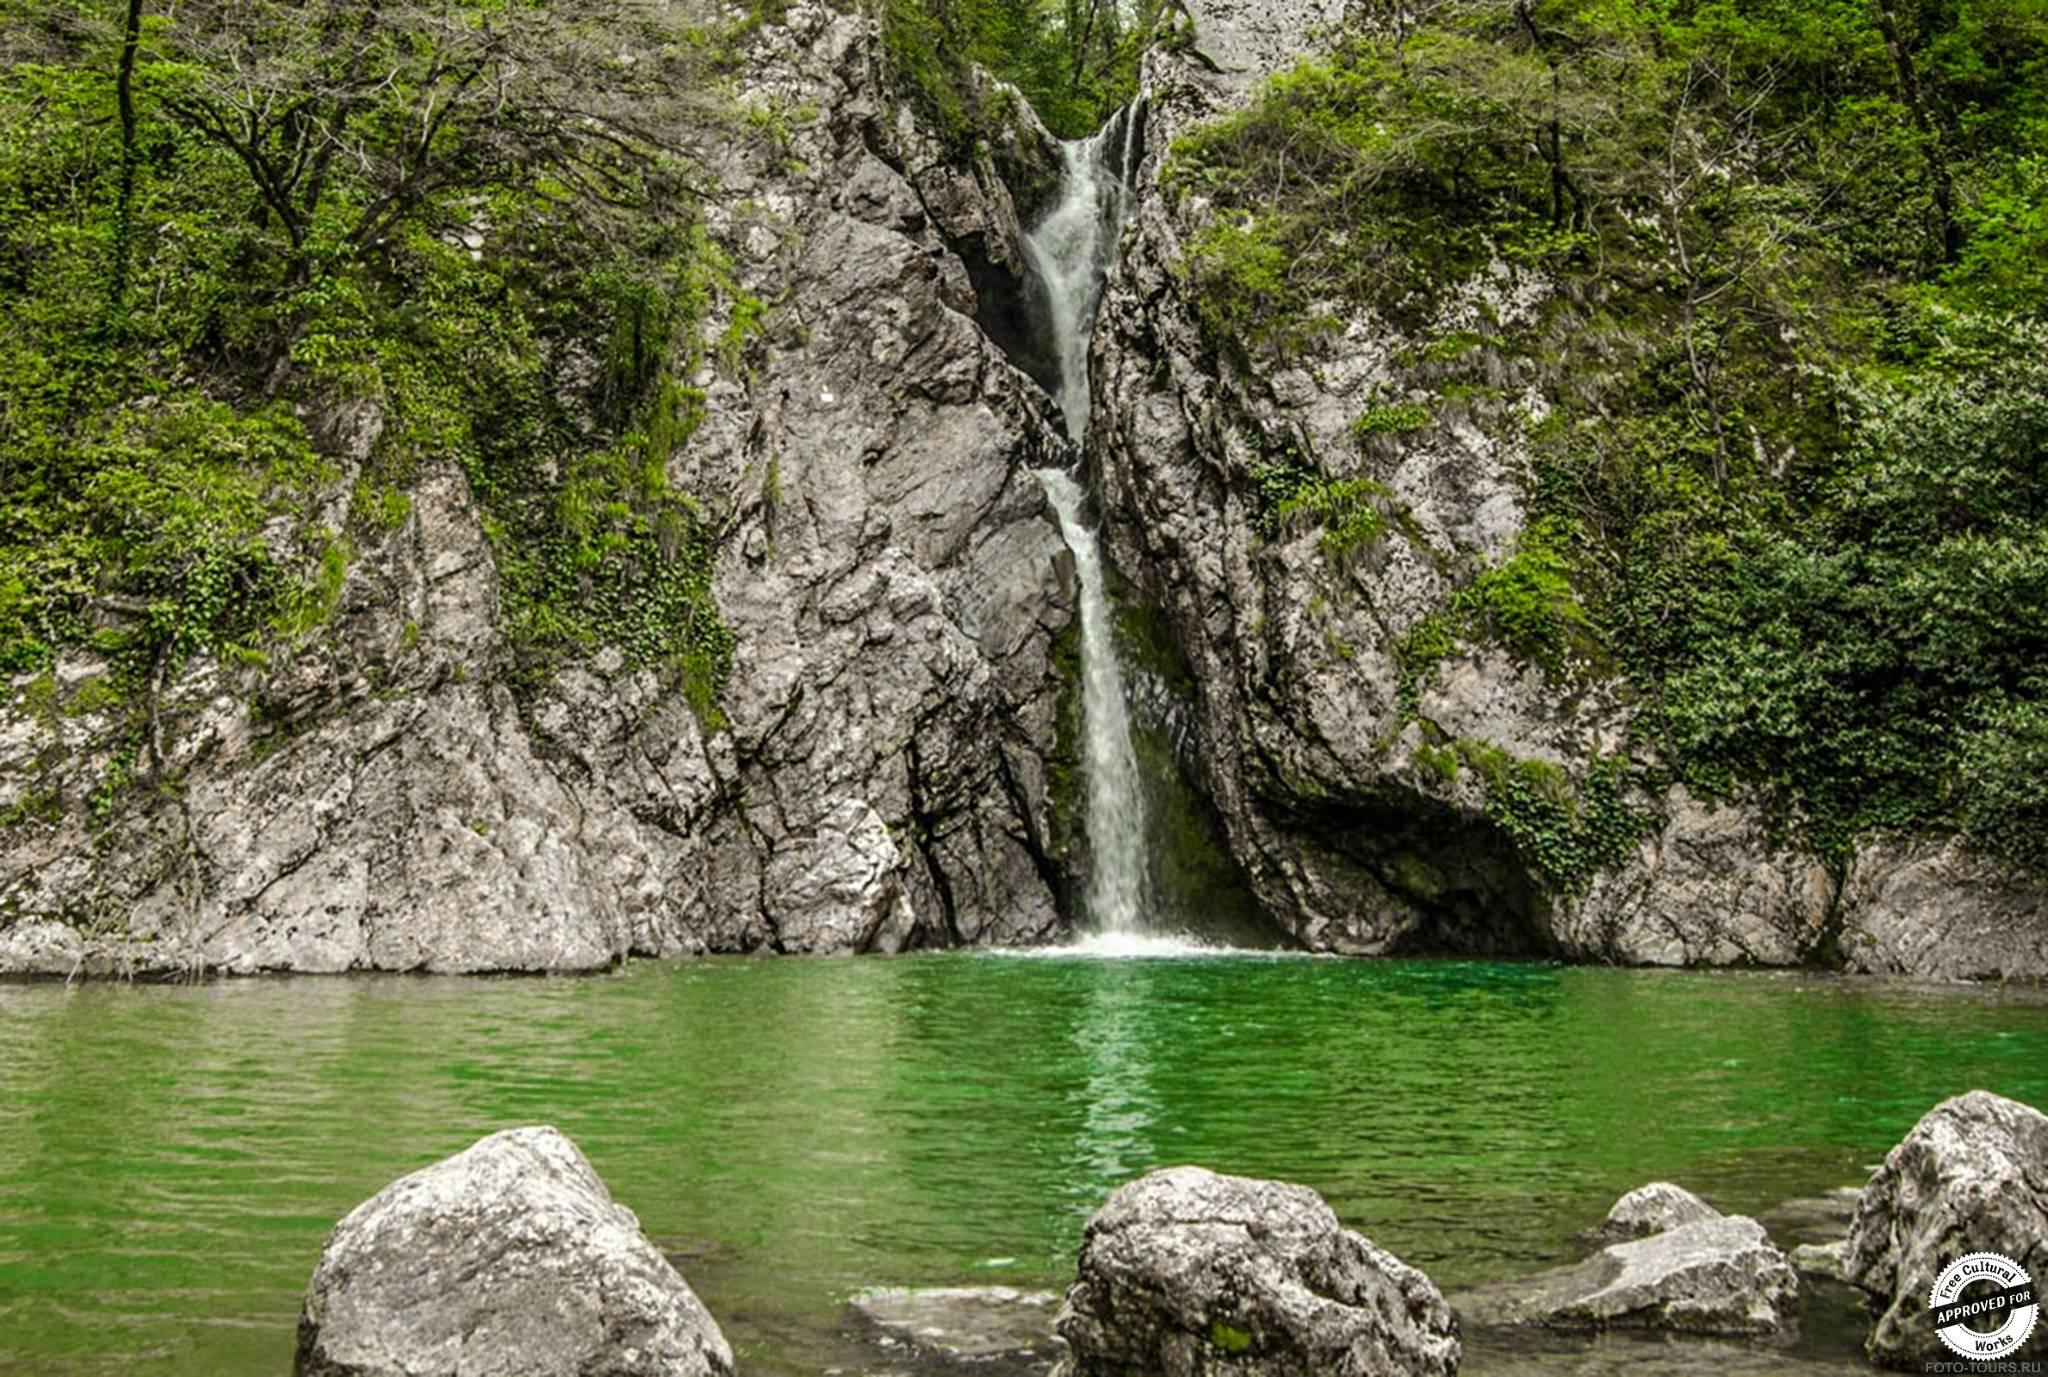 Агурские водопады в Хосте, Сочи, Россия.